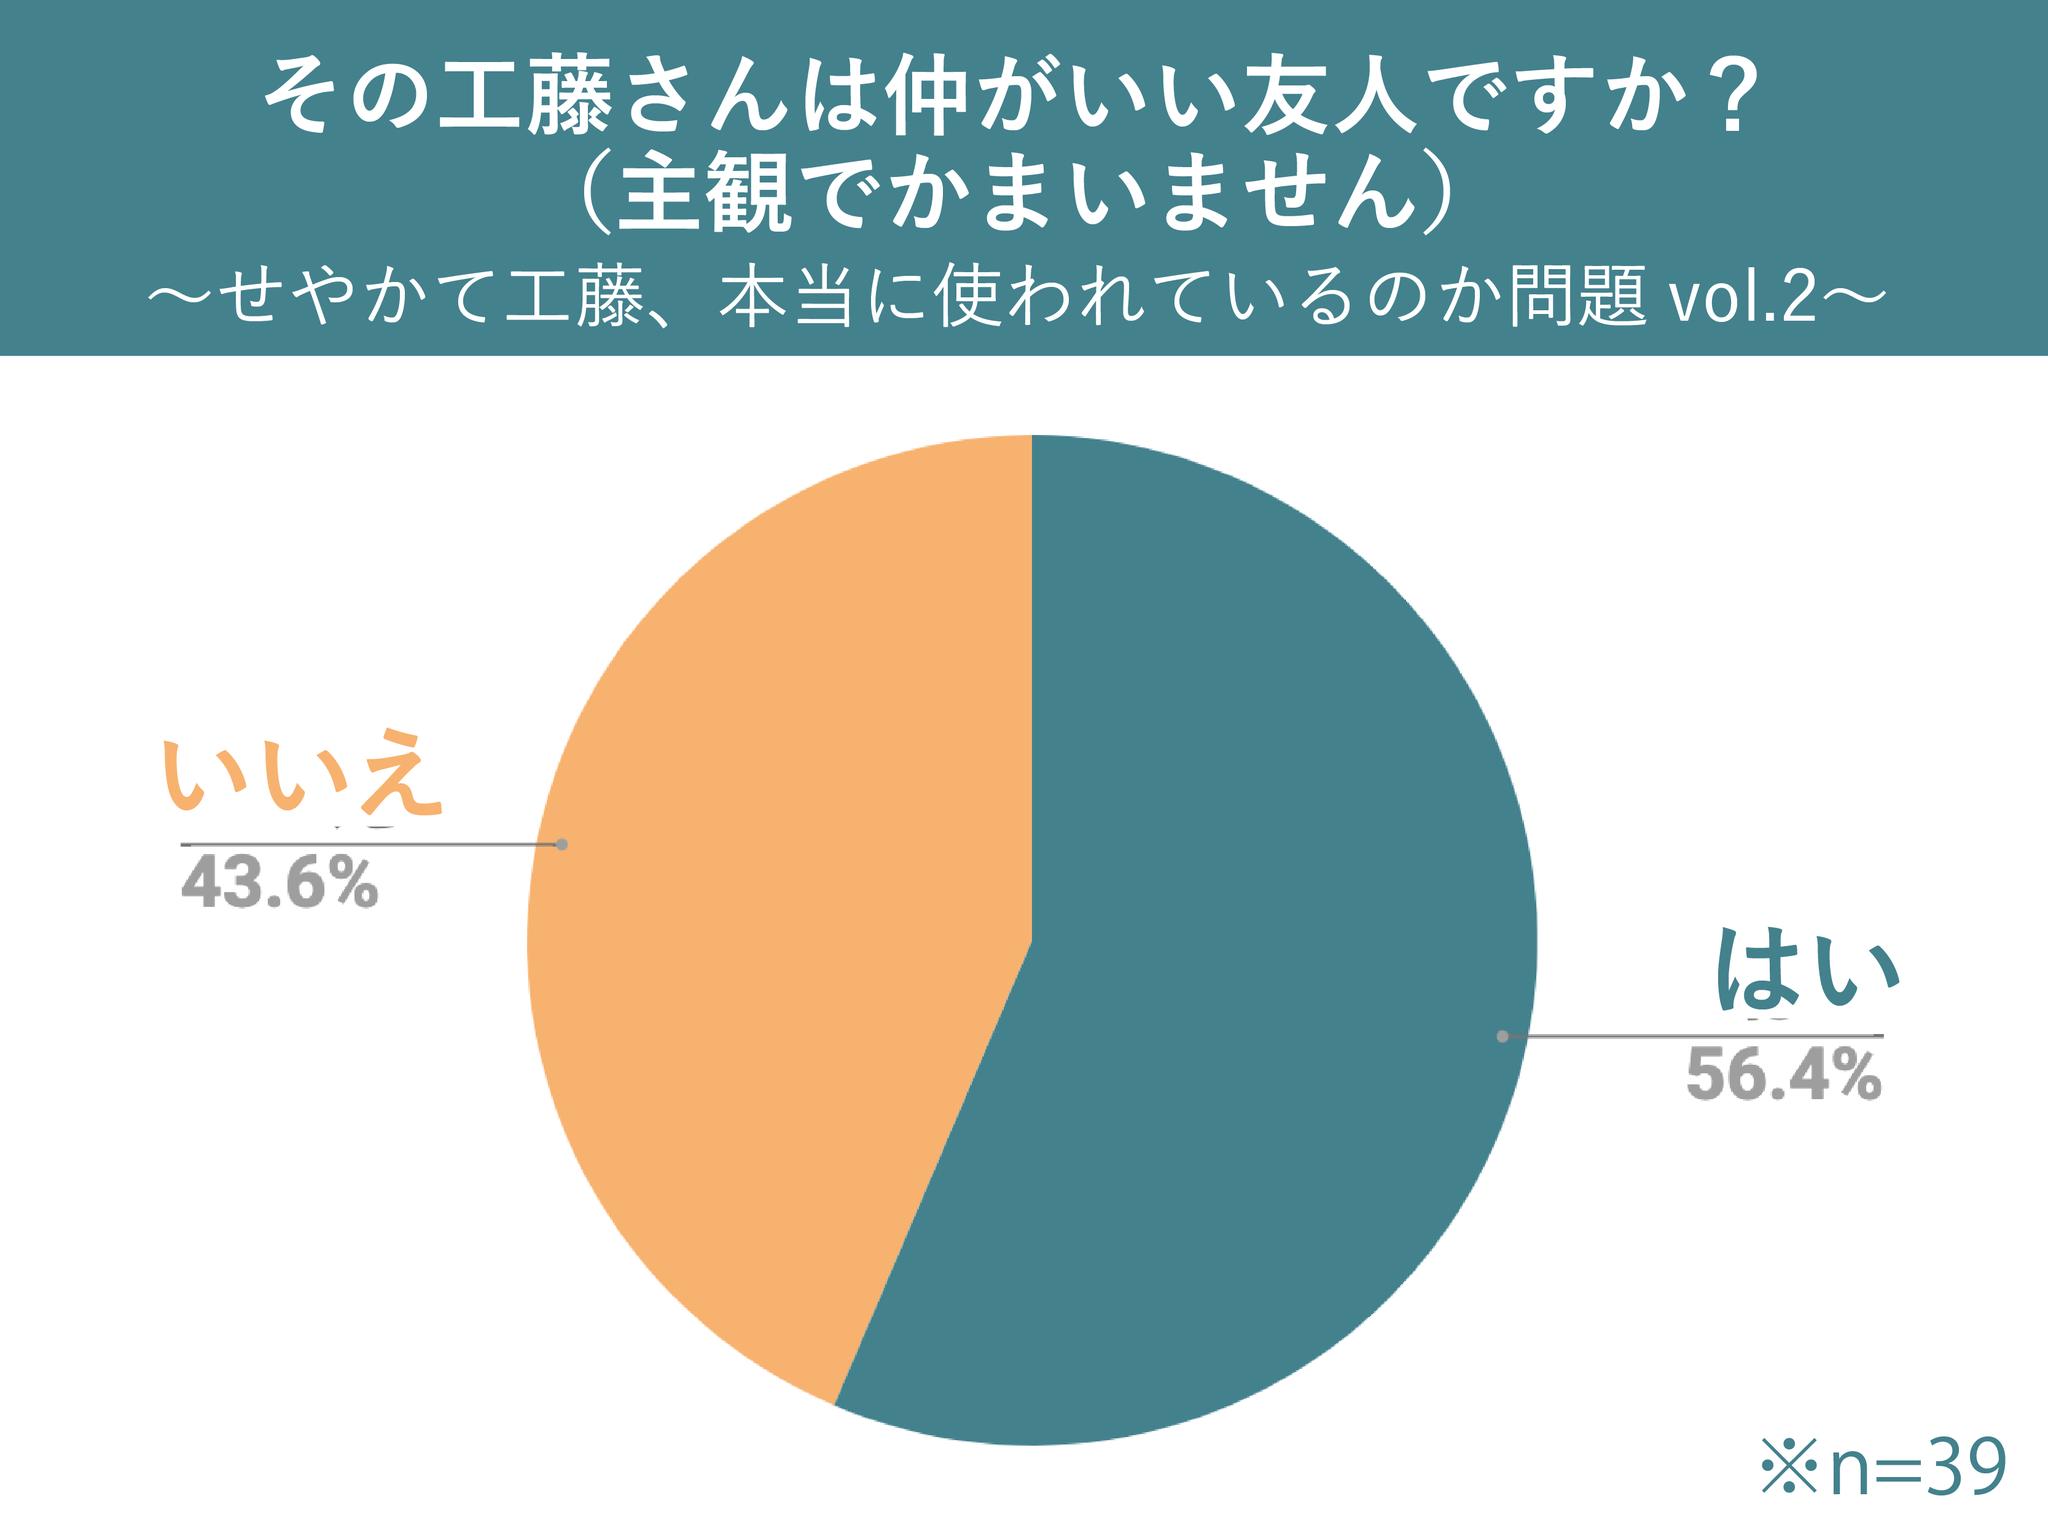 コナンでおなじみ「せやかて工藤」関西人は使うのか調査wwww